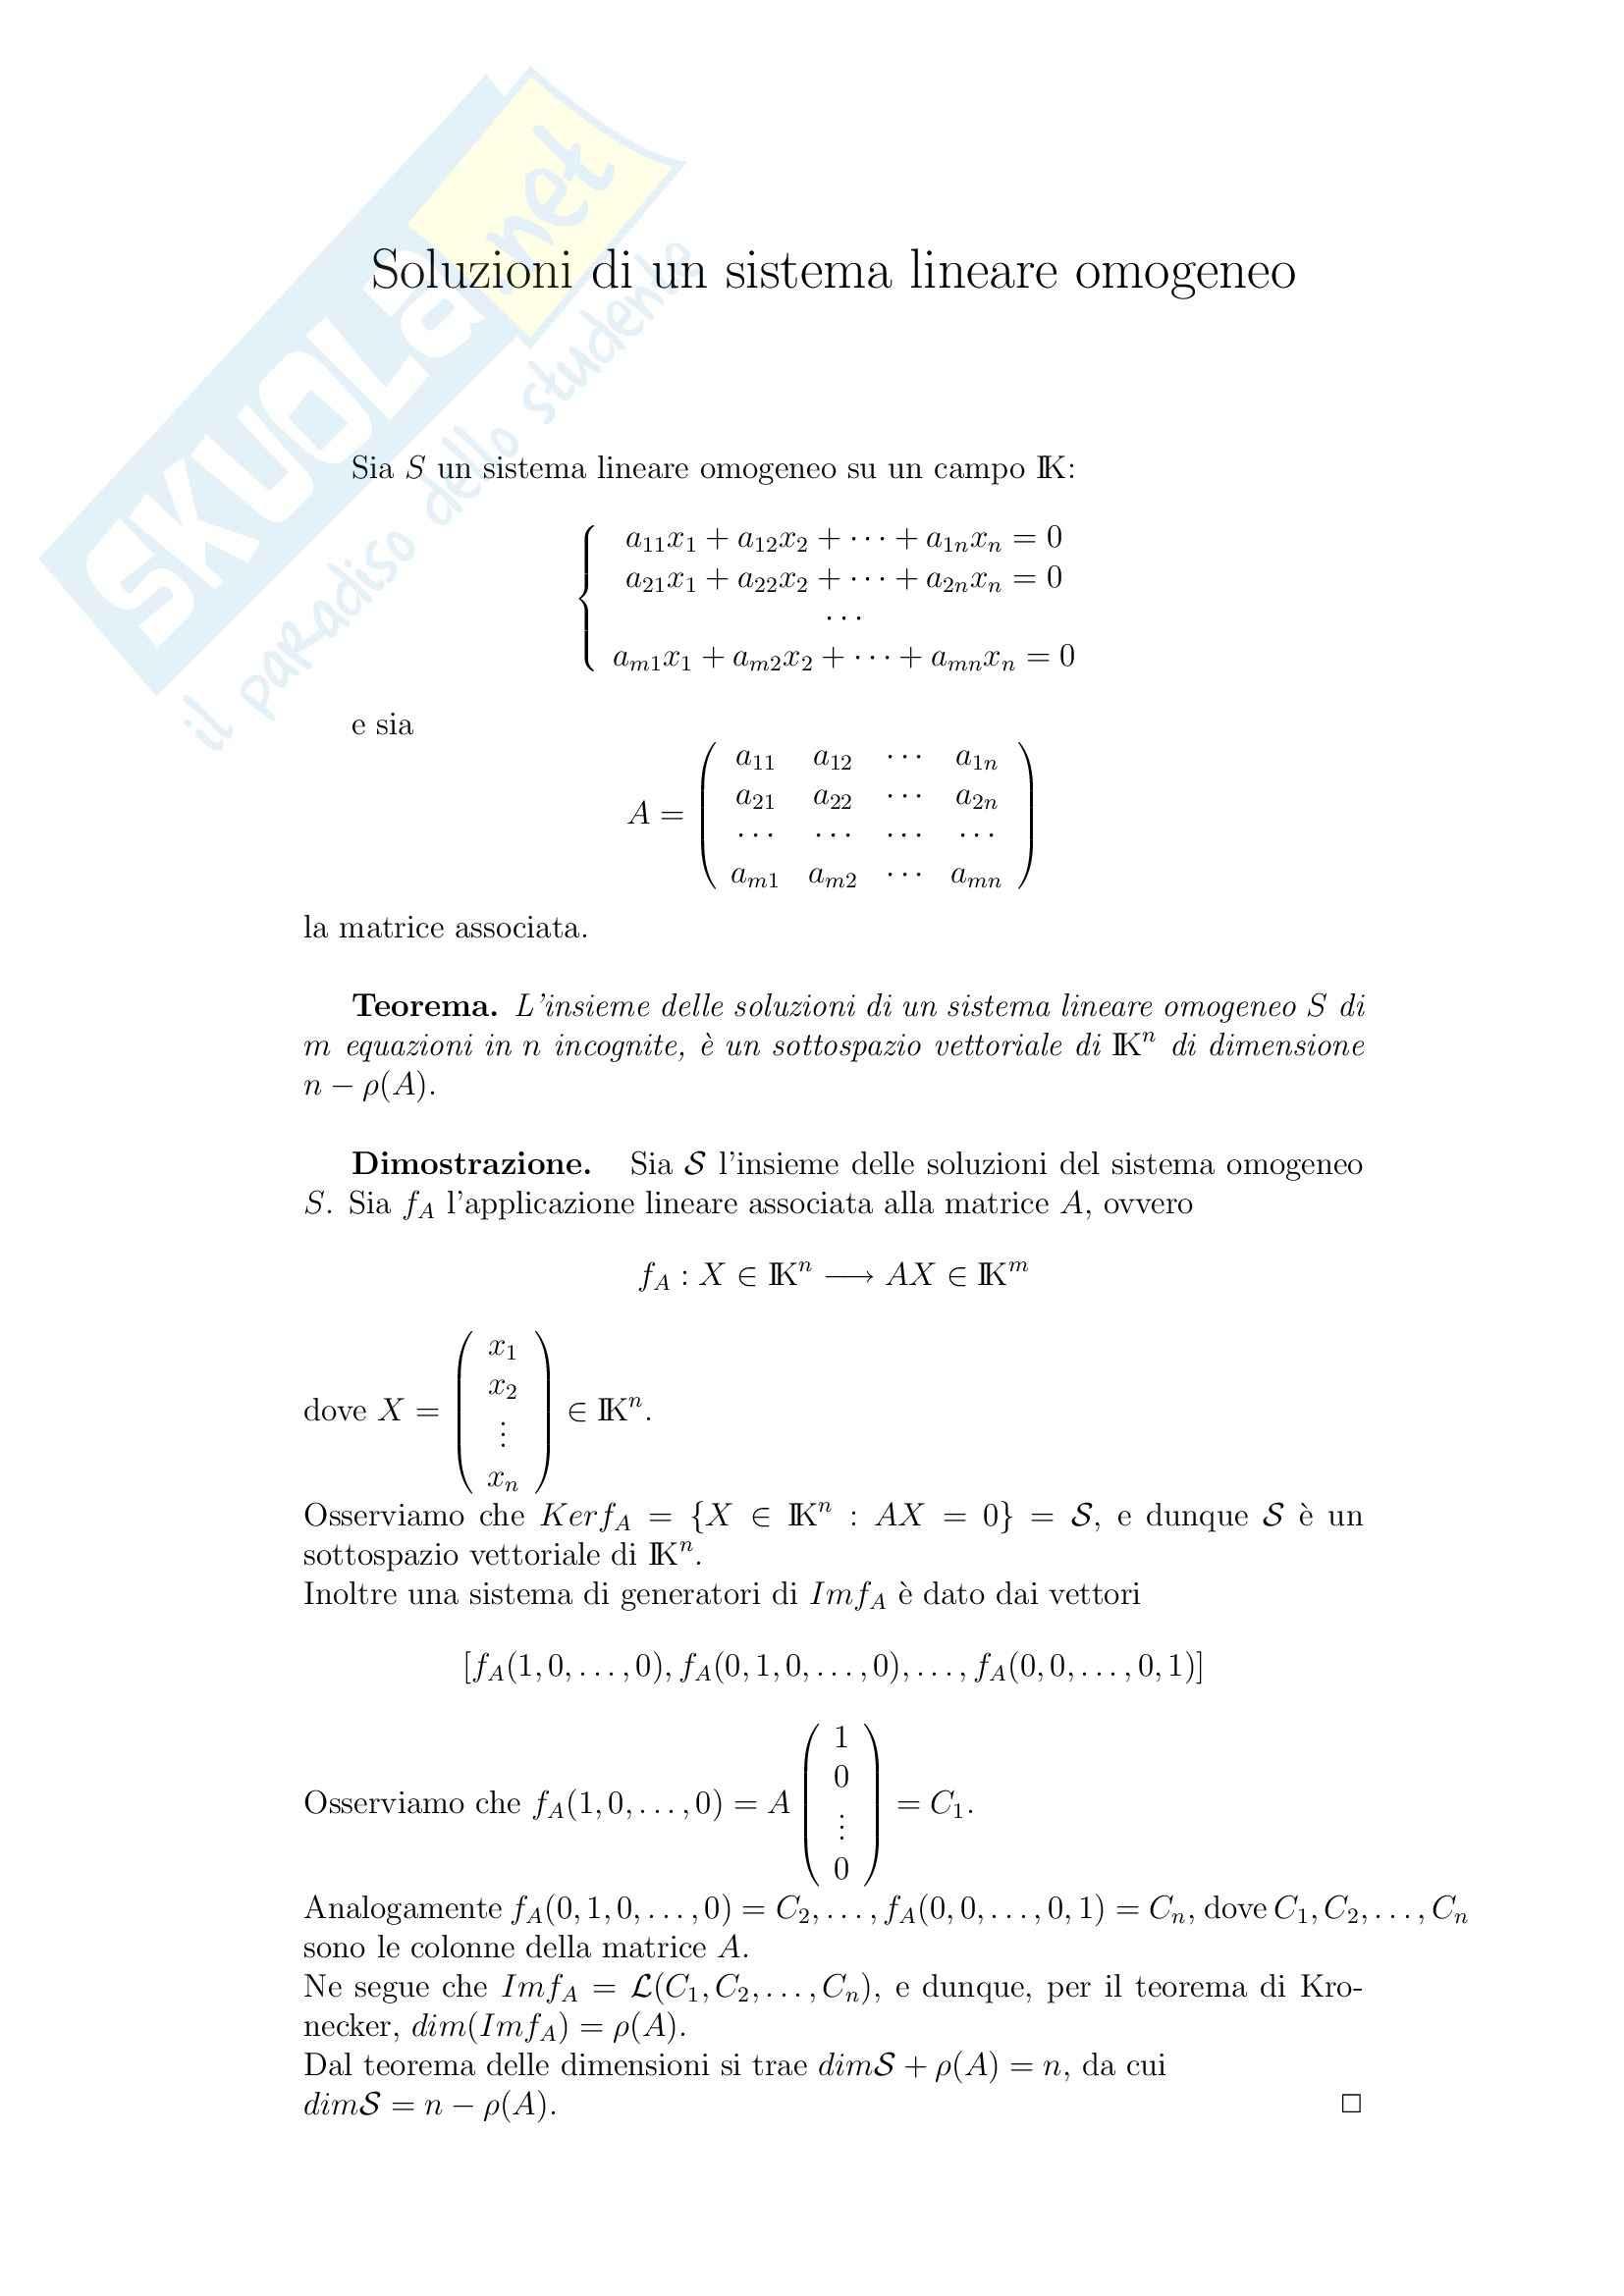 Geometria e Algebra - Soluzioni di un sistema lineare omogeneo